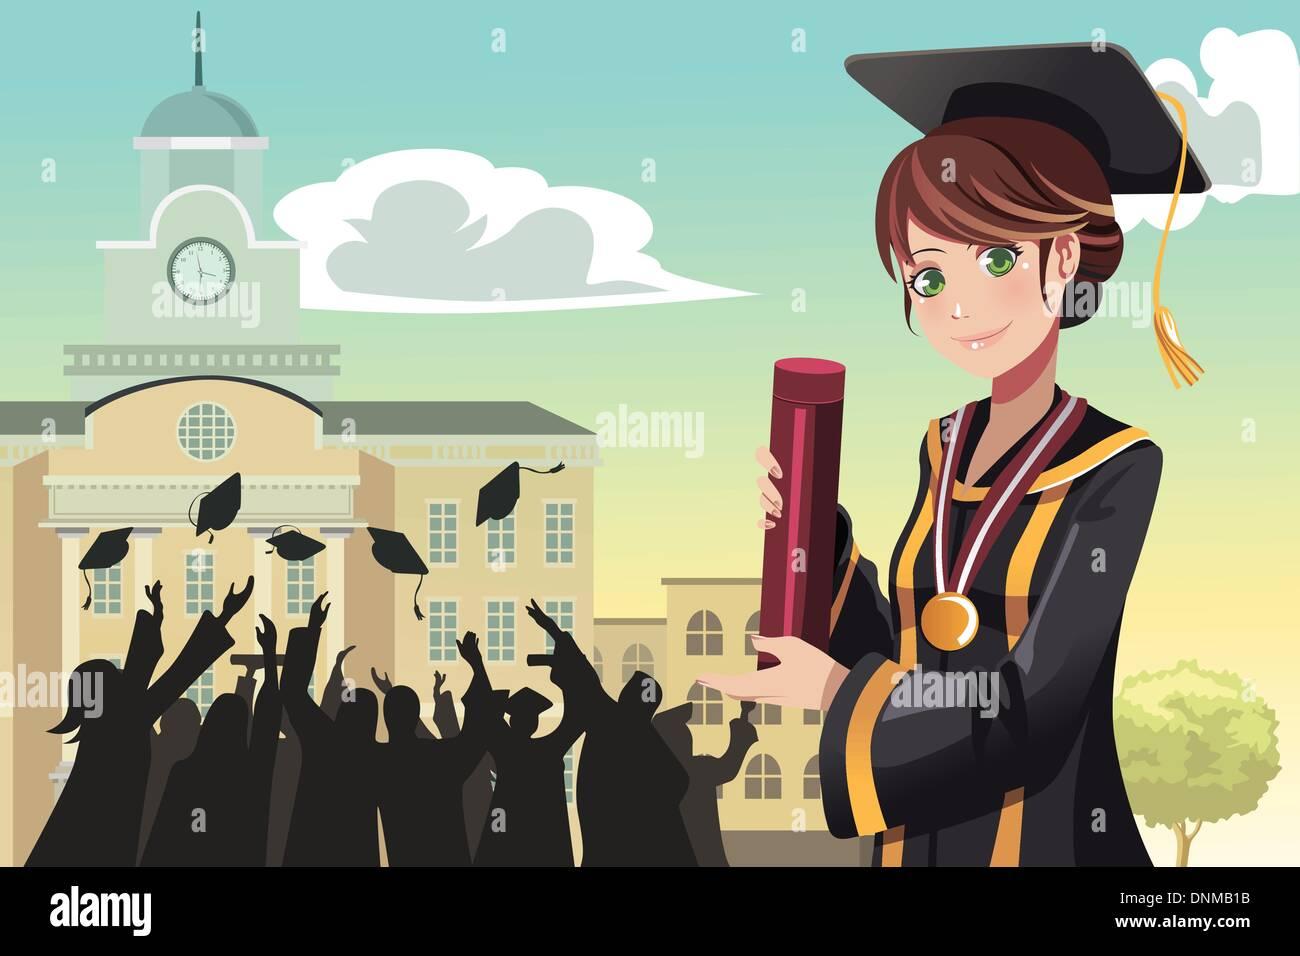 Un vecteur illustration d'une graduation girl holding son diplôme avec ses amis dans l'arrière-plan Photo Stock